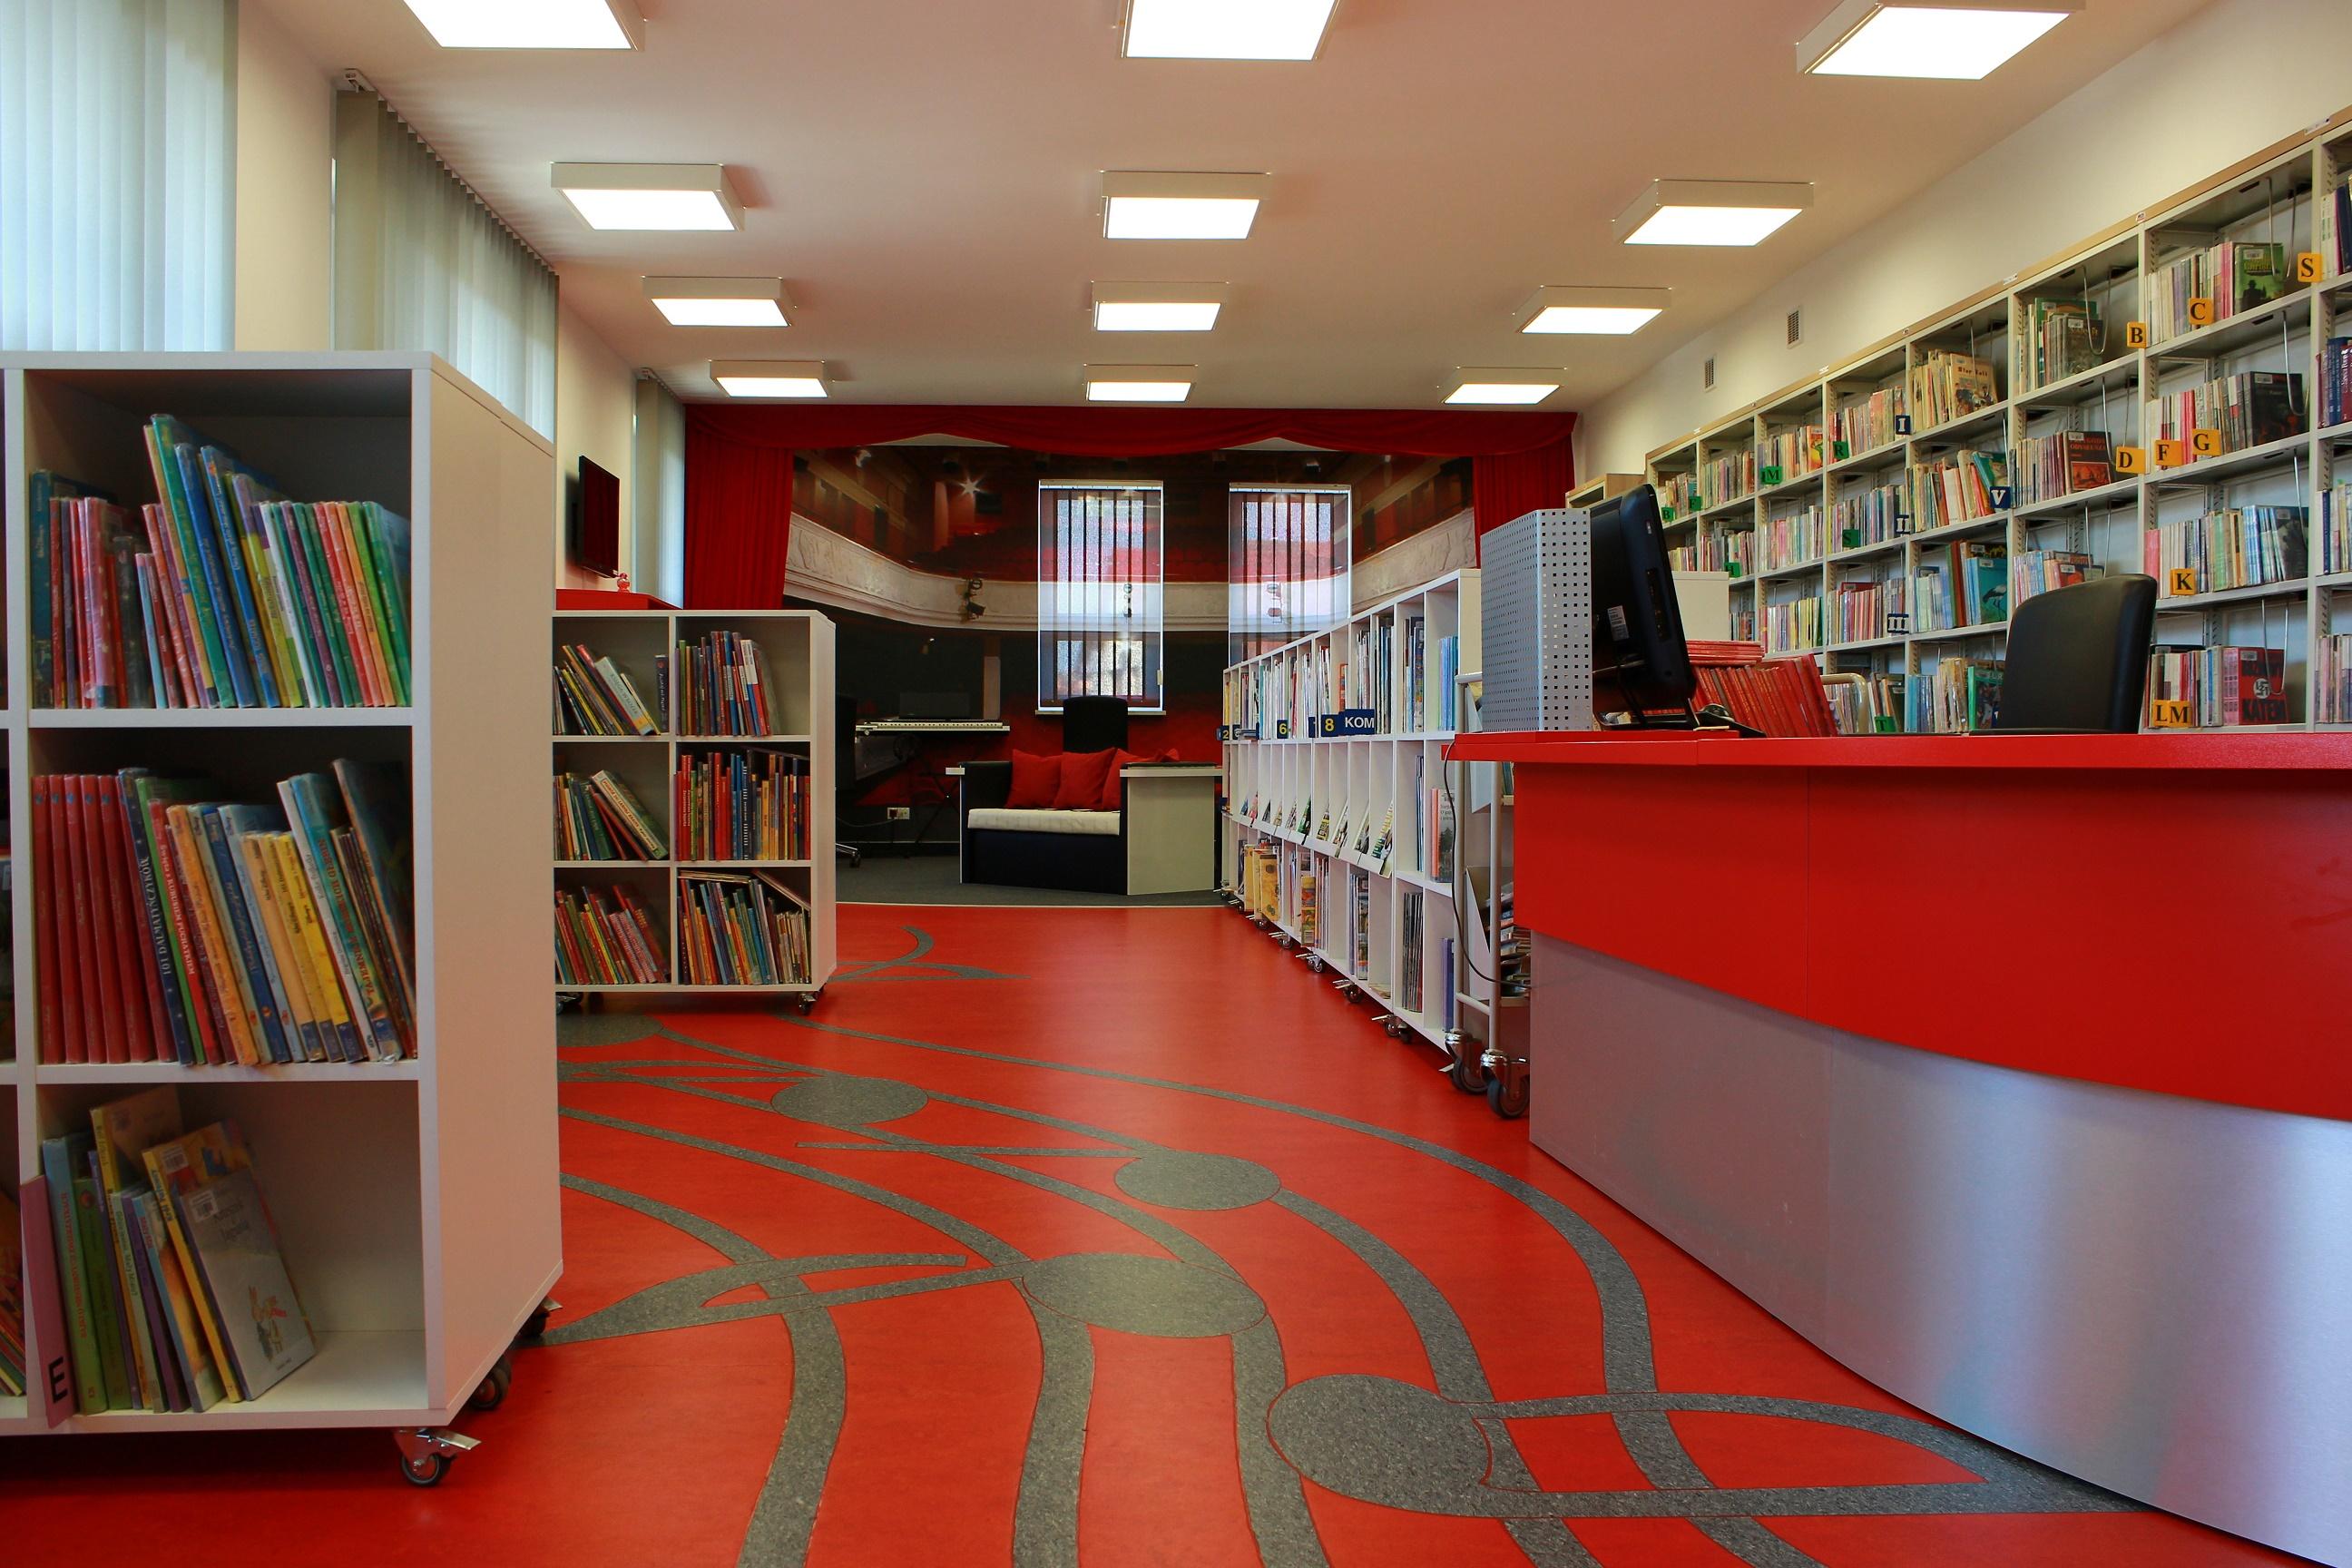 Biblioteko, wyróżnij się, albo zgiń